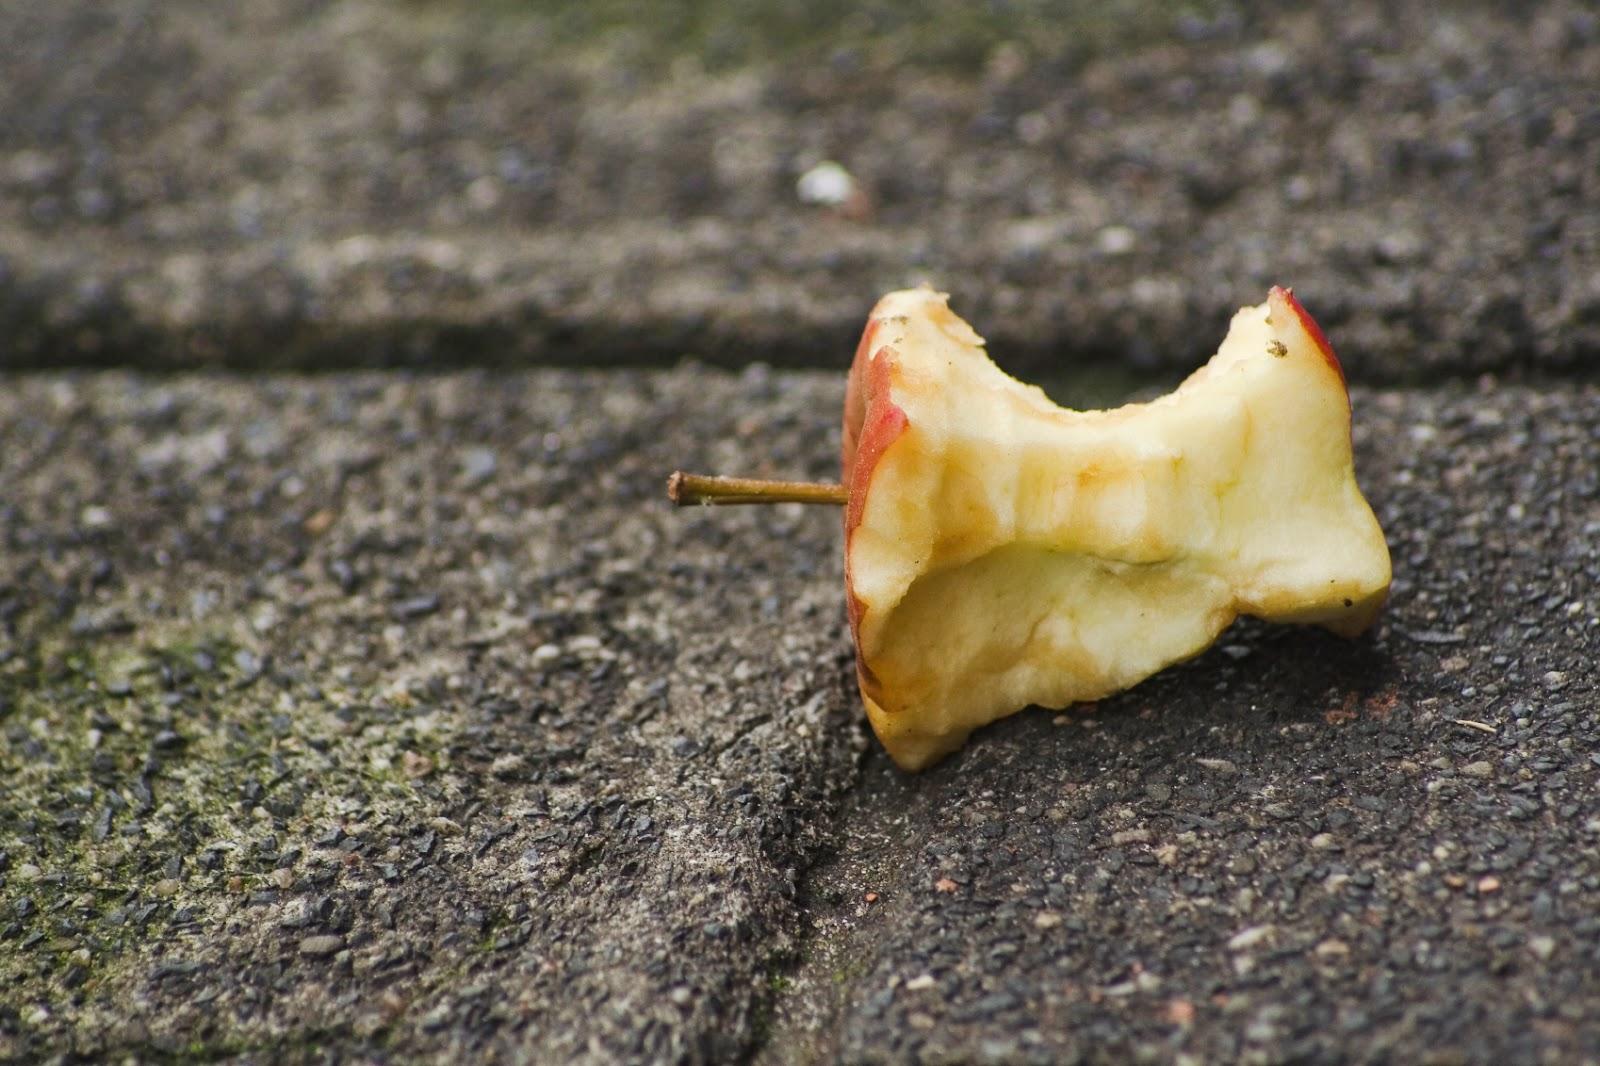 картинка огрызка от яблоками день ото дня